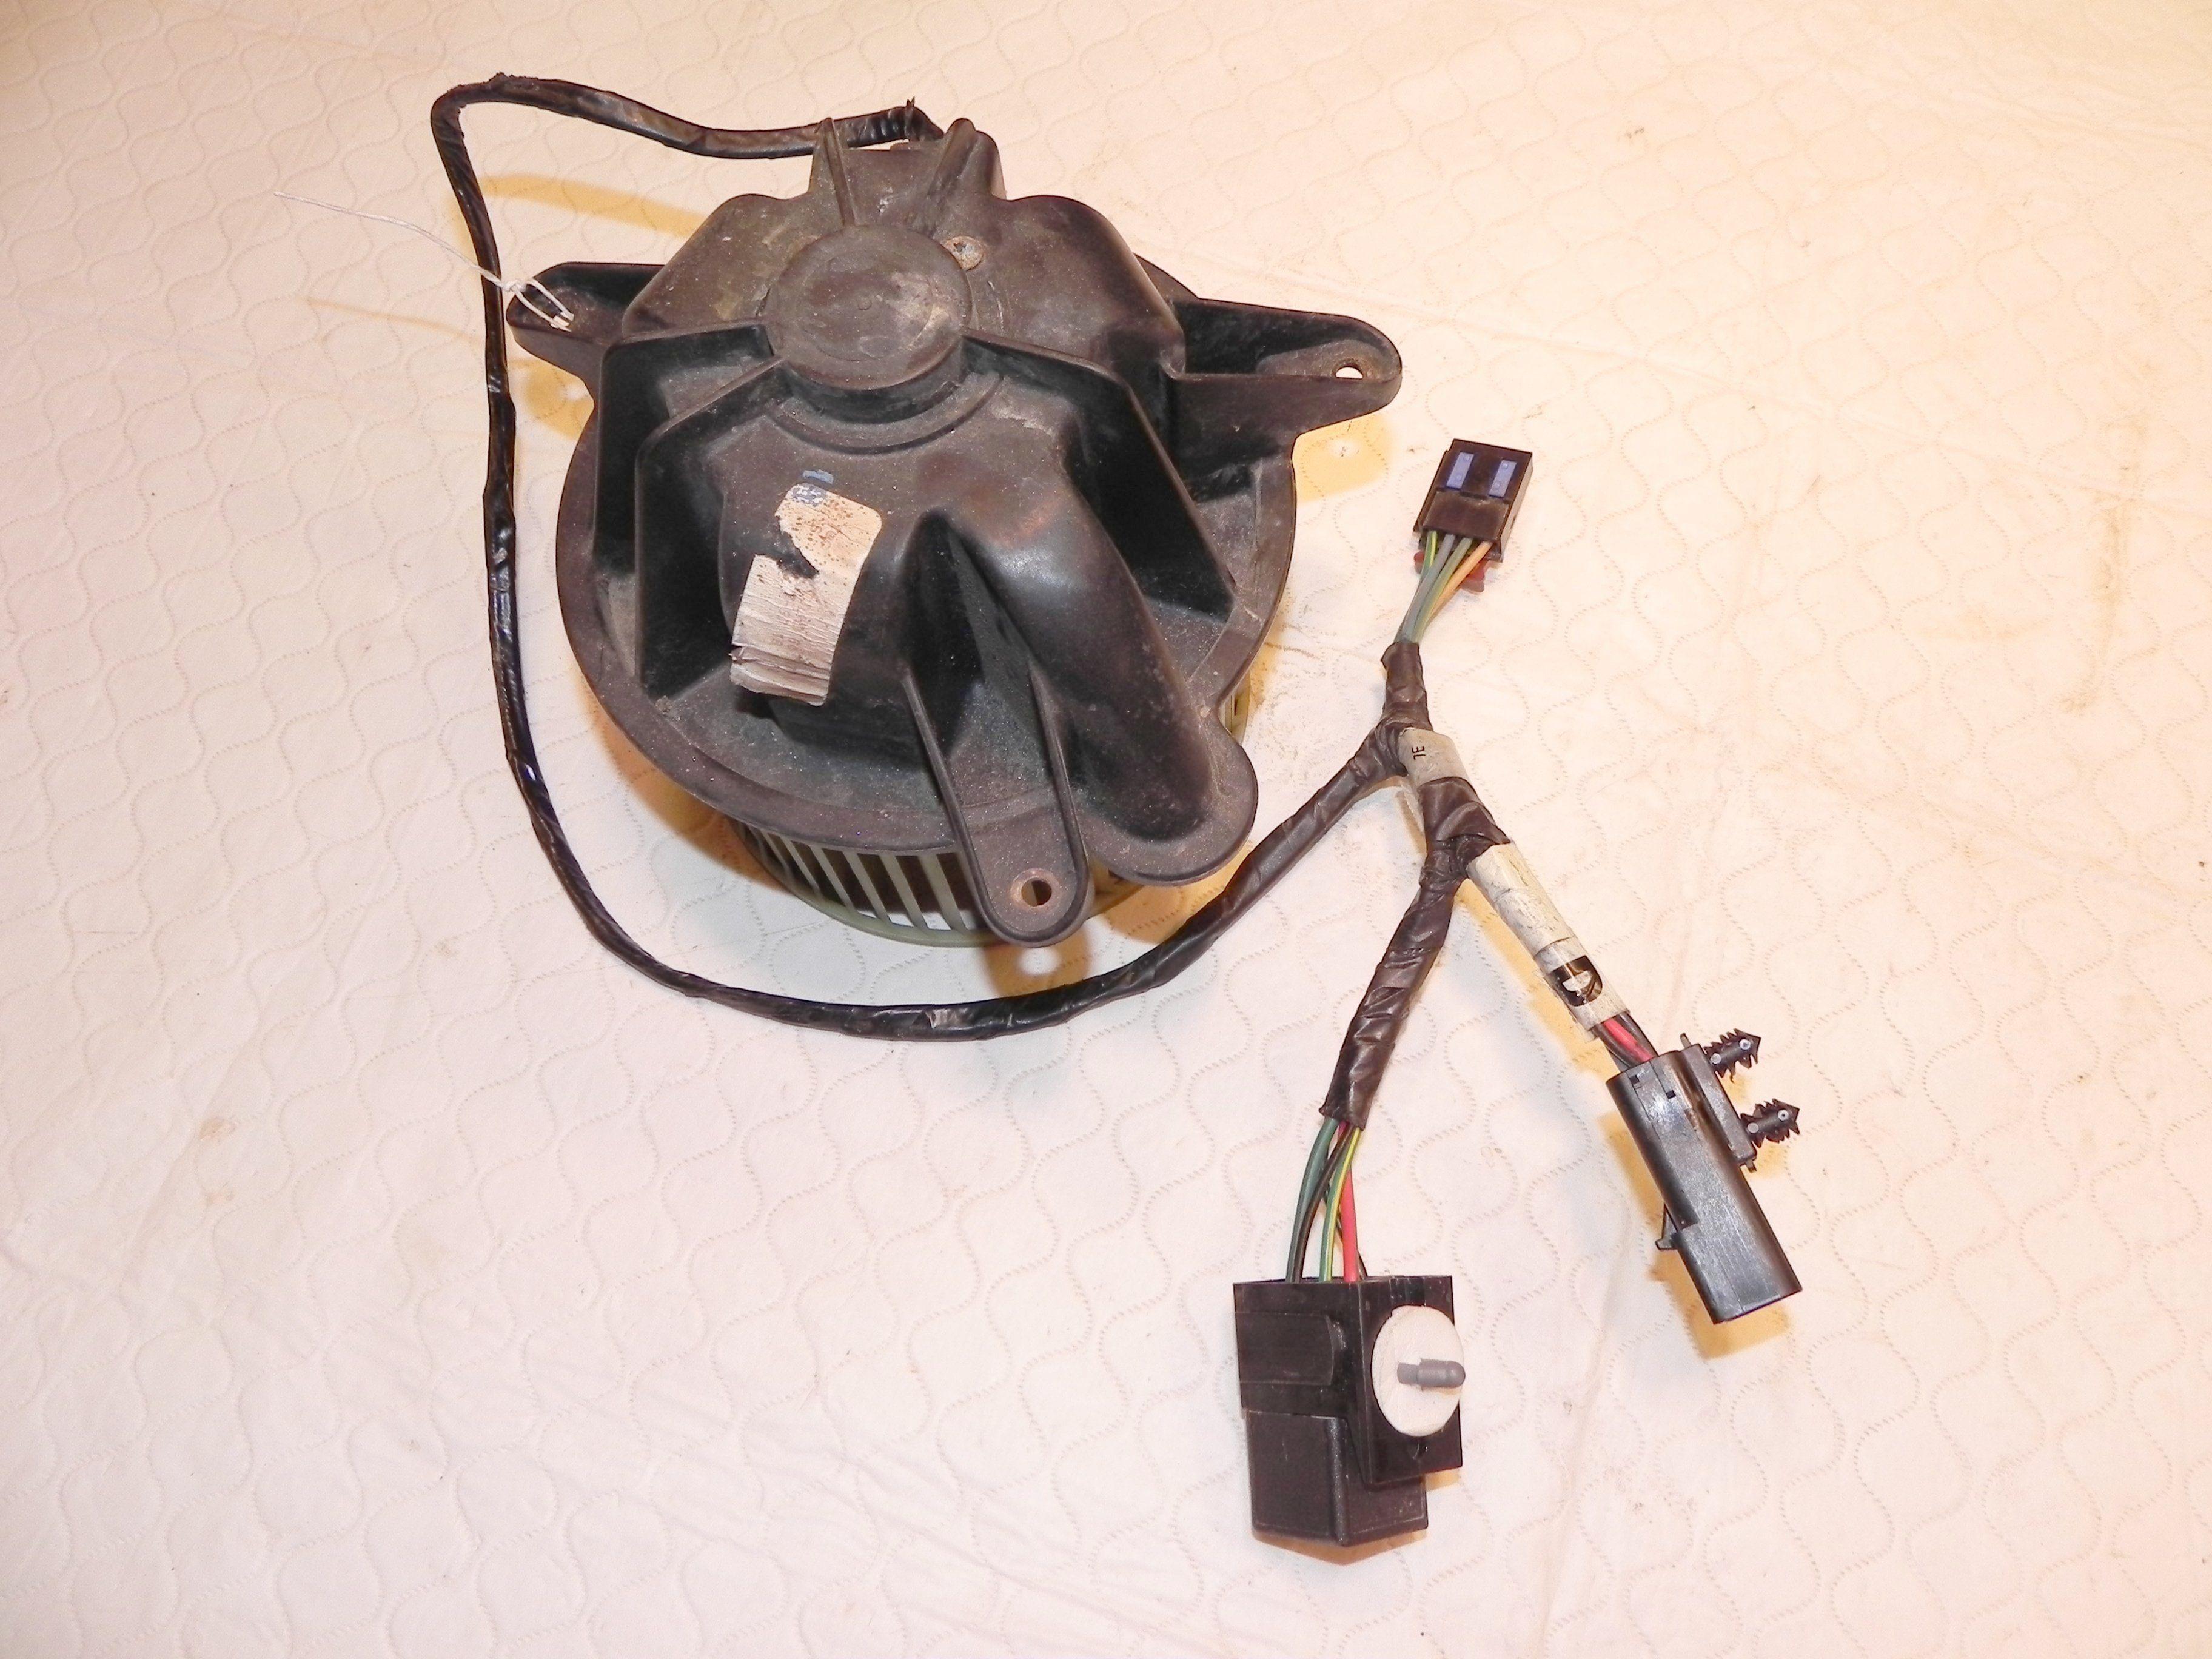 Jeep Wrangler Tj Heater Box Wiring Harness Fan Relay Library My Electric Swap Page 6 Jeepforumcom Blower Motor Oem 97 98